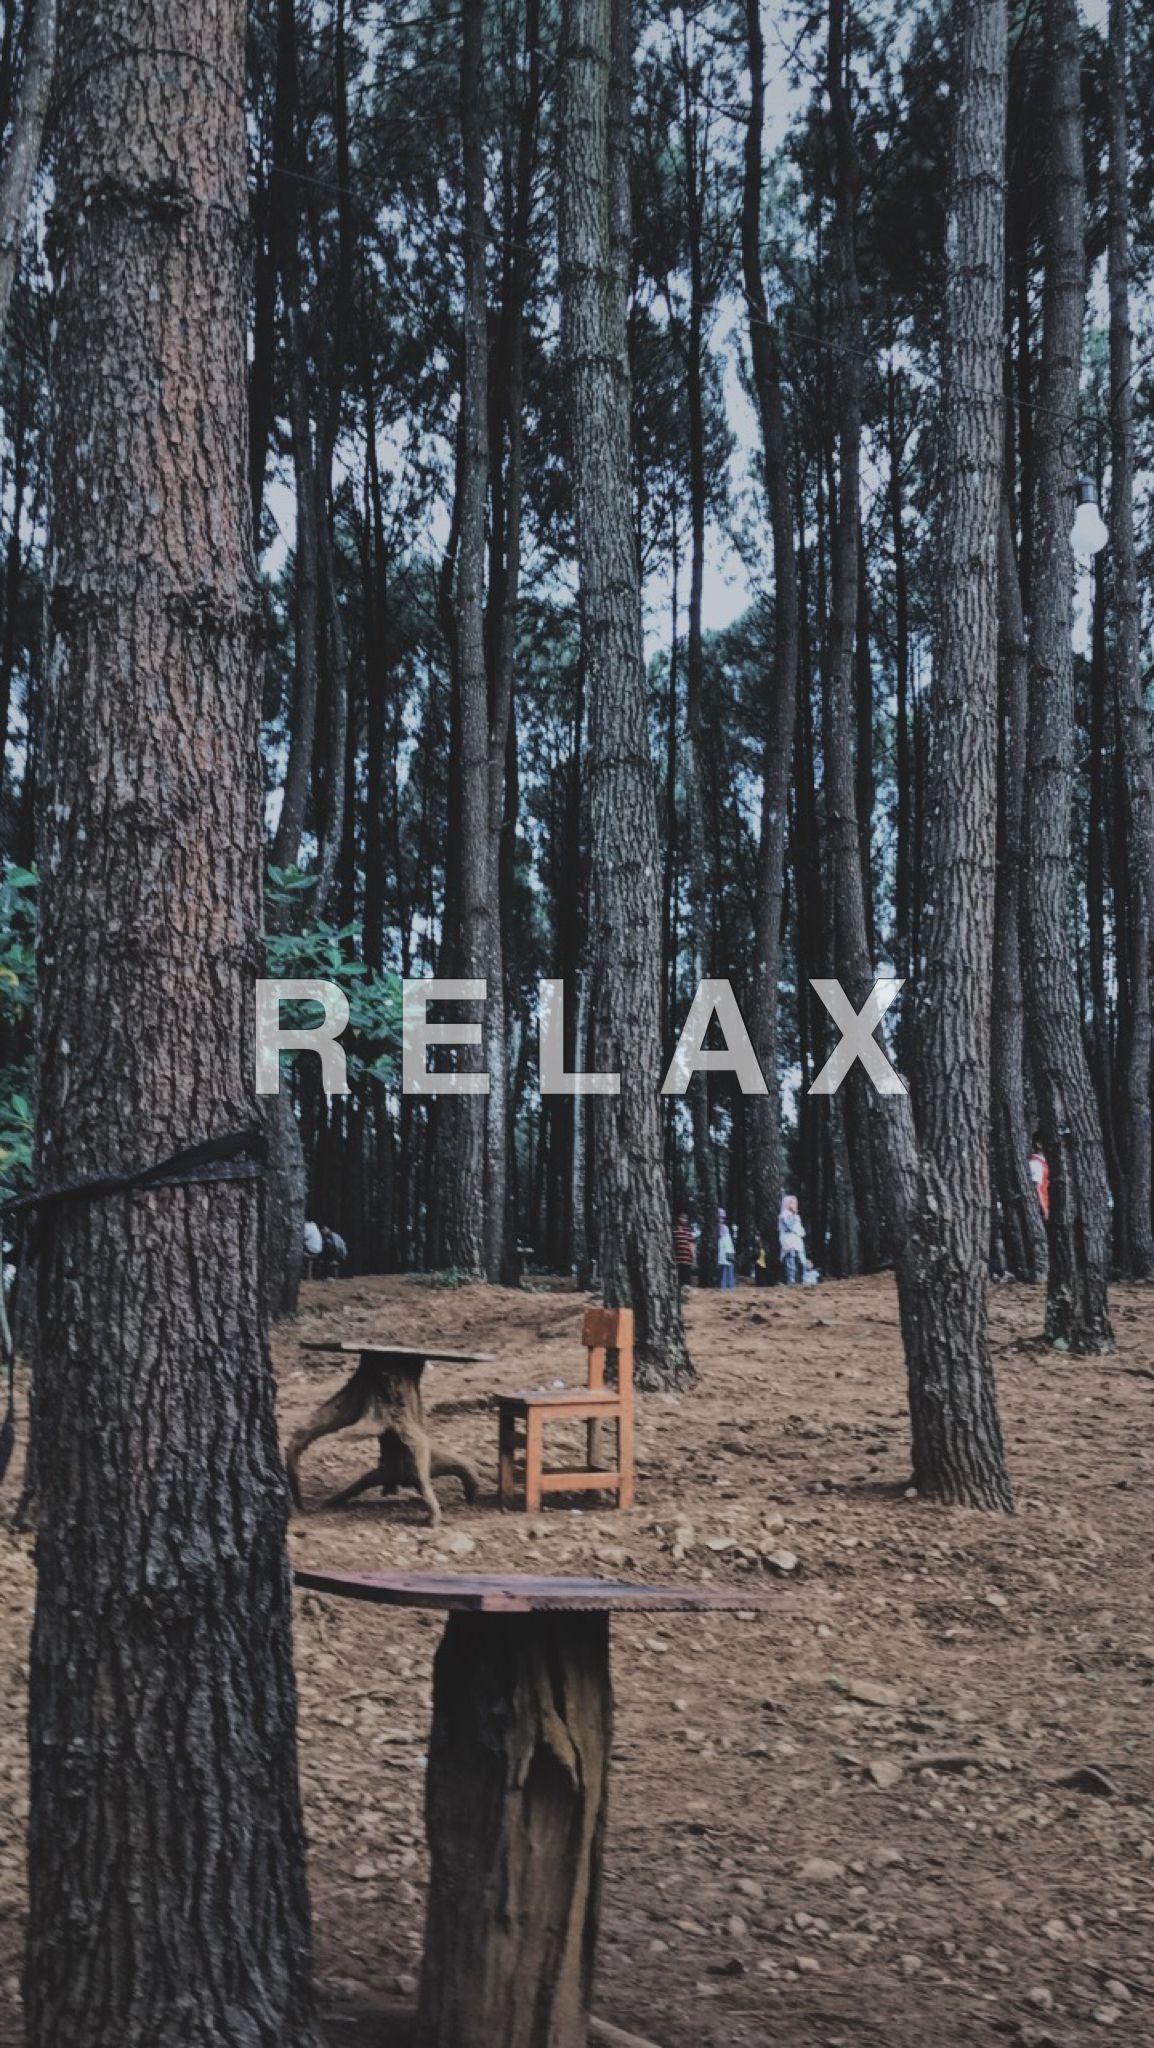 Hutan Pinus Vscocam Editing Fotografi Alam Fotografi Perjalanan Pemandangan